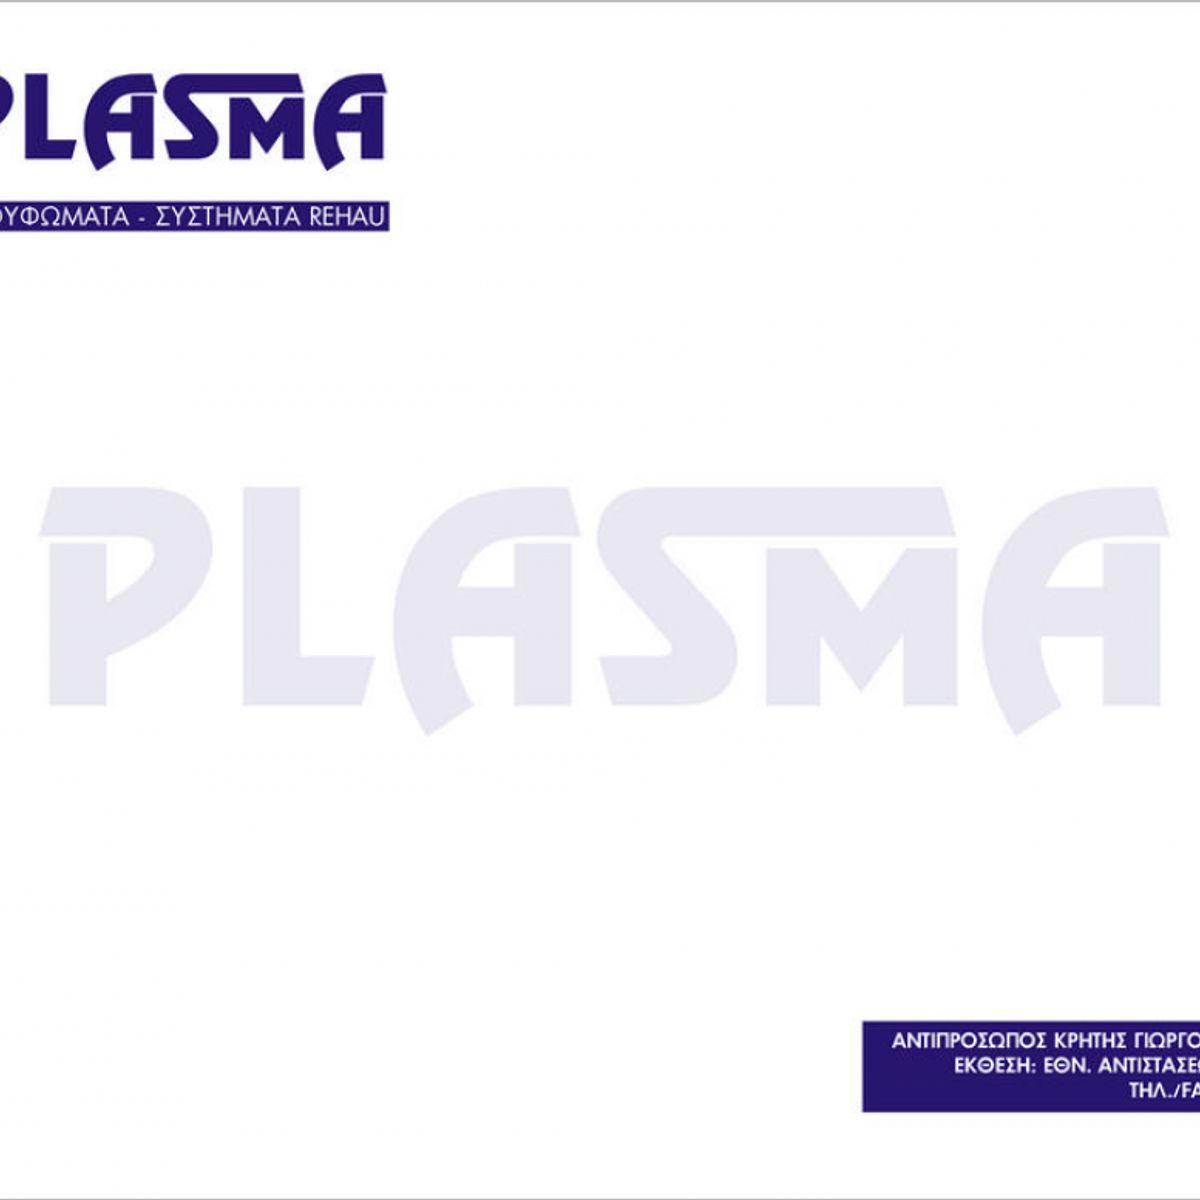 Φάκελοι - fos3544